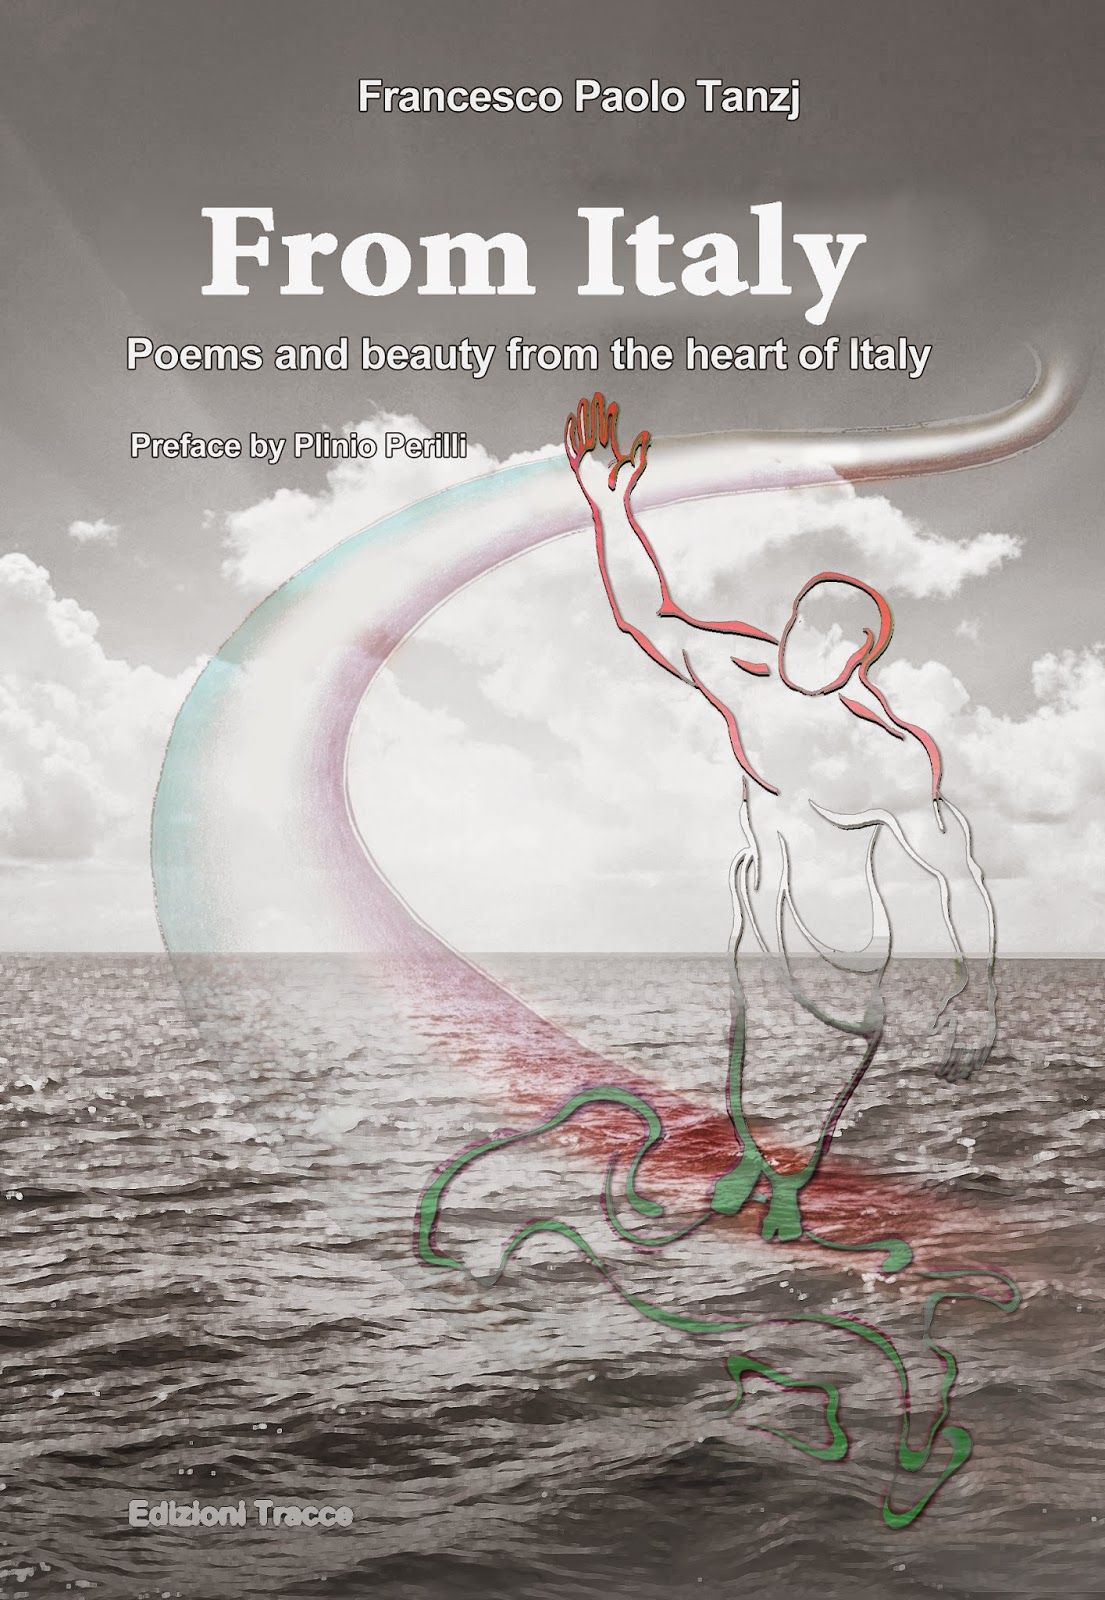 """""""From Italy"""": due eventi a New York per presentare l'ultimo libro di Francesco Paolo Tanzj"""